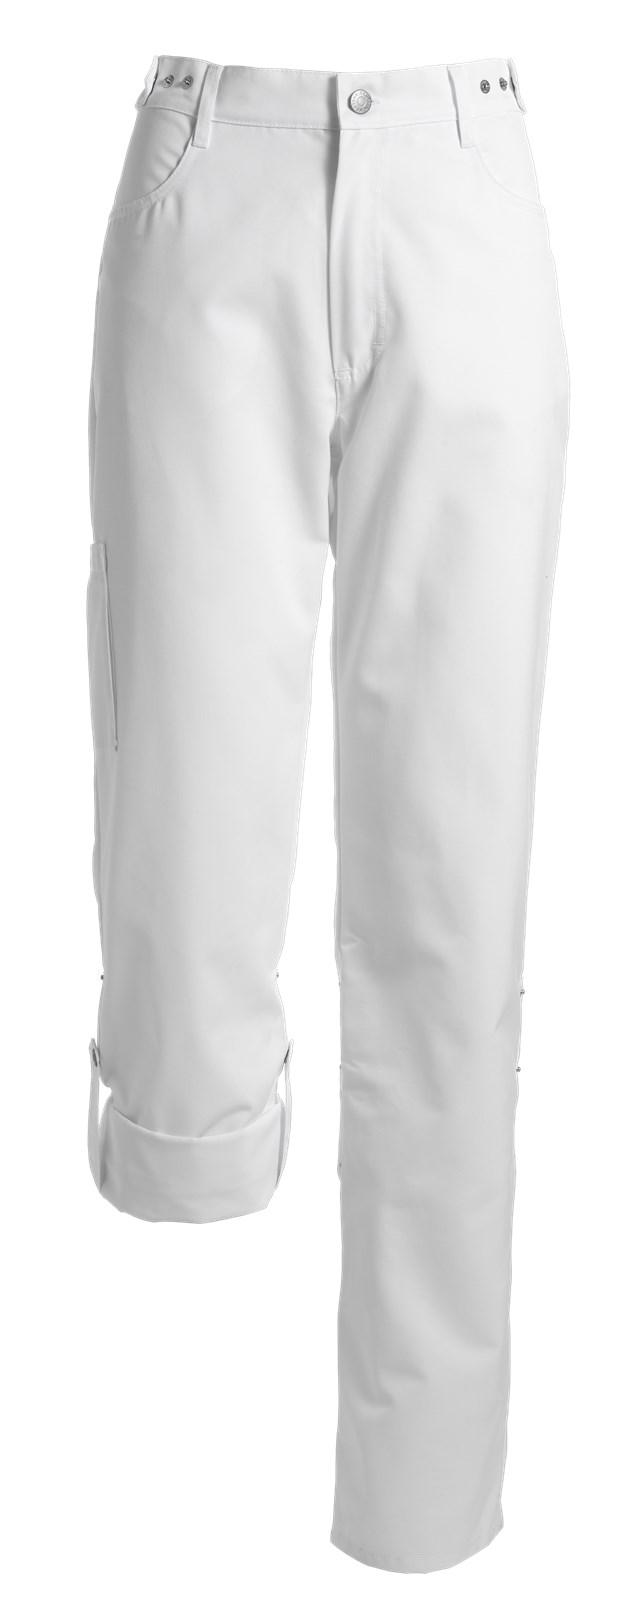 dames broek wit verstelbaar in de band